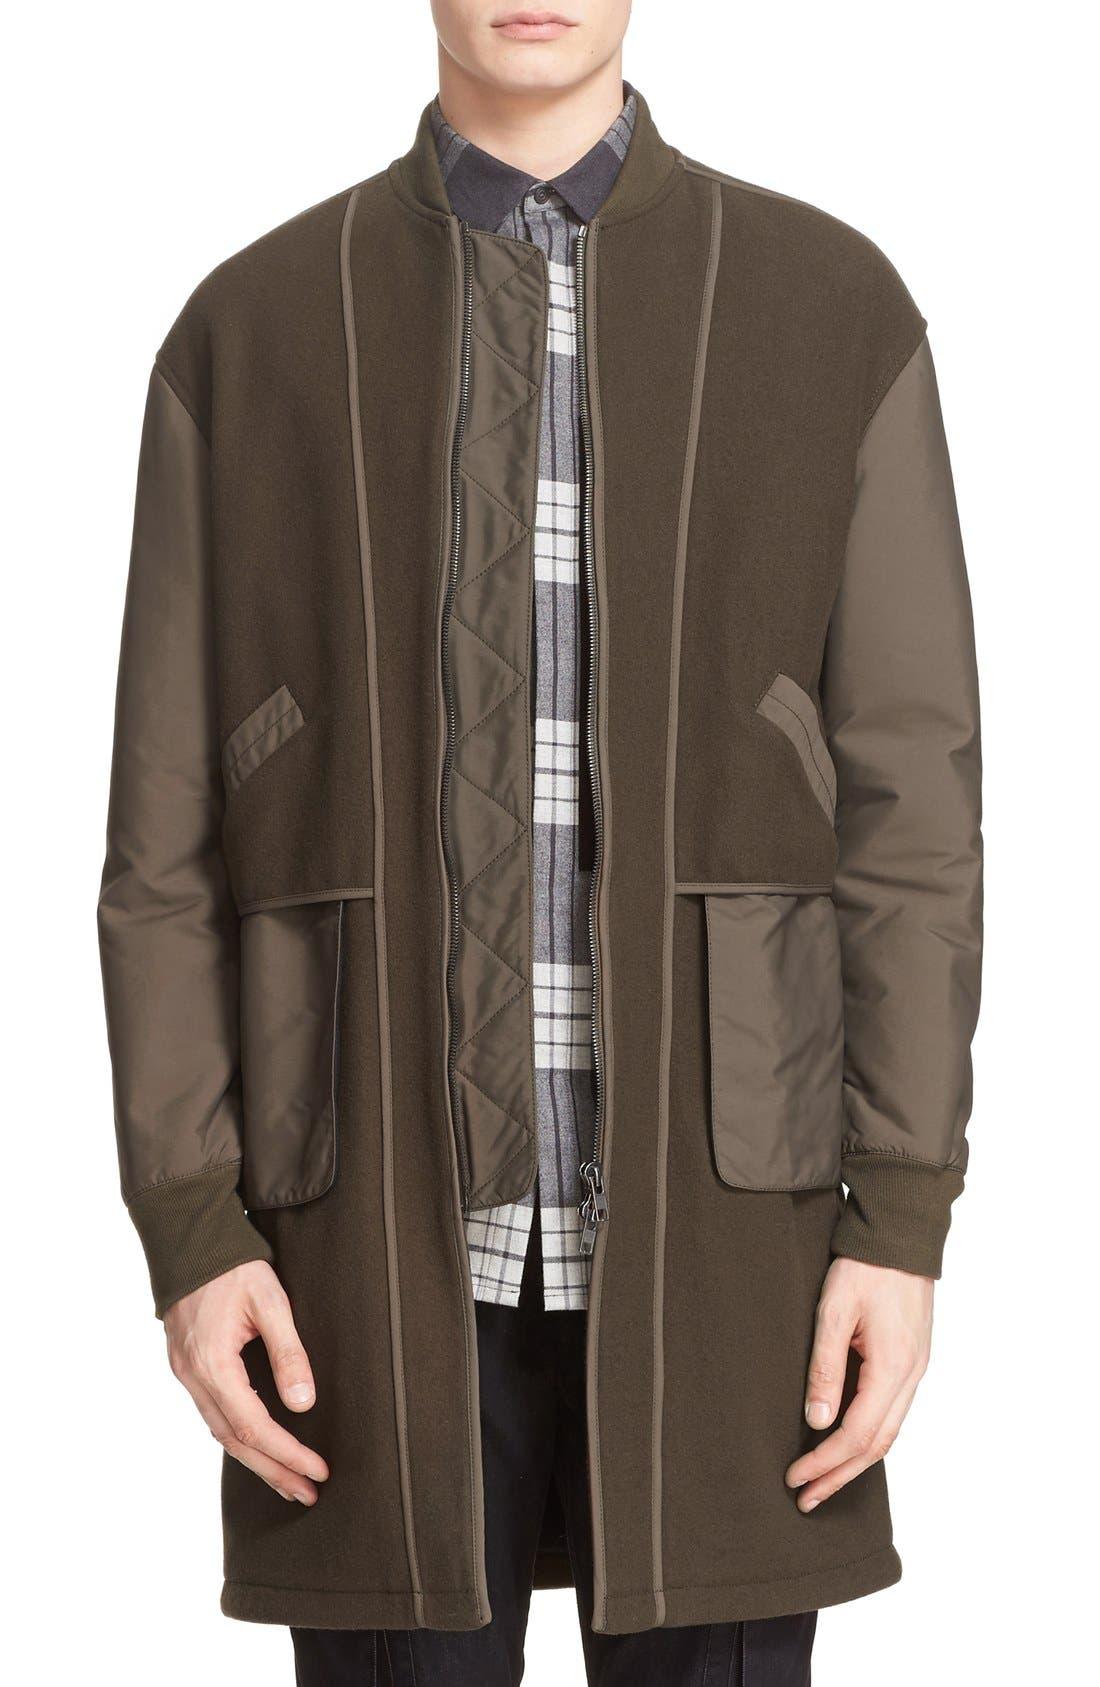 HELMUT LANG Oversize Bomber Coat, Main, color, 326